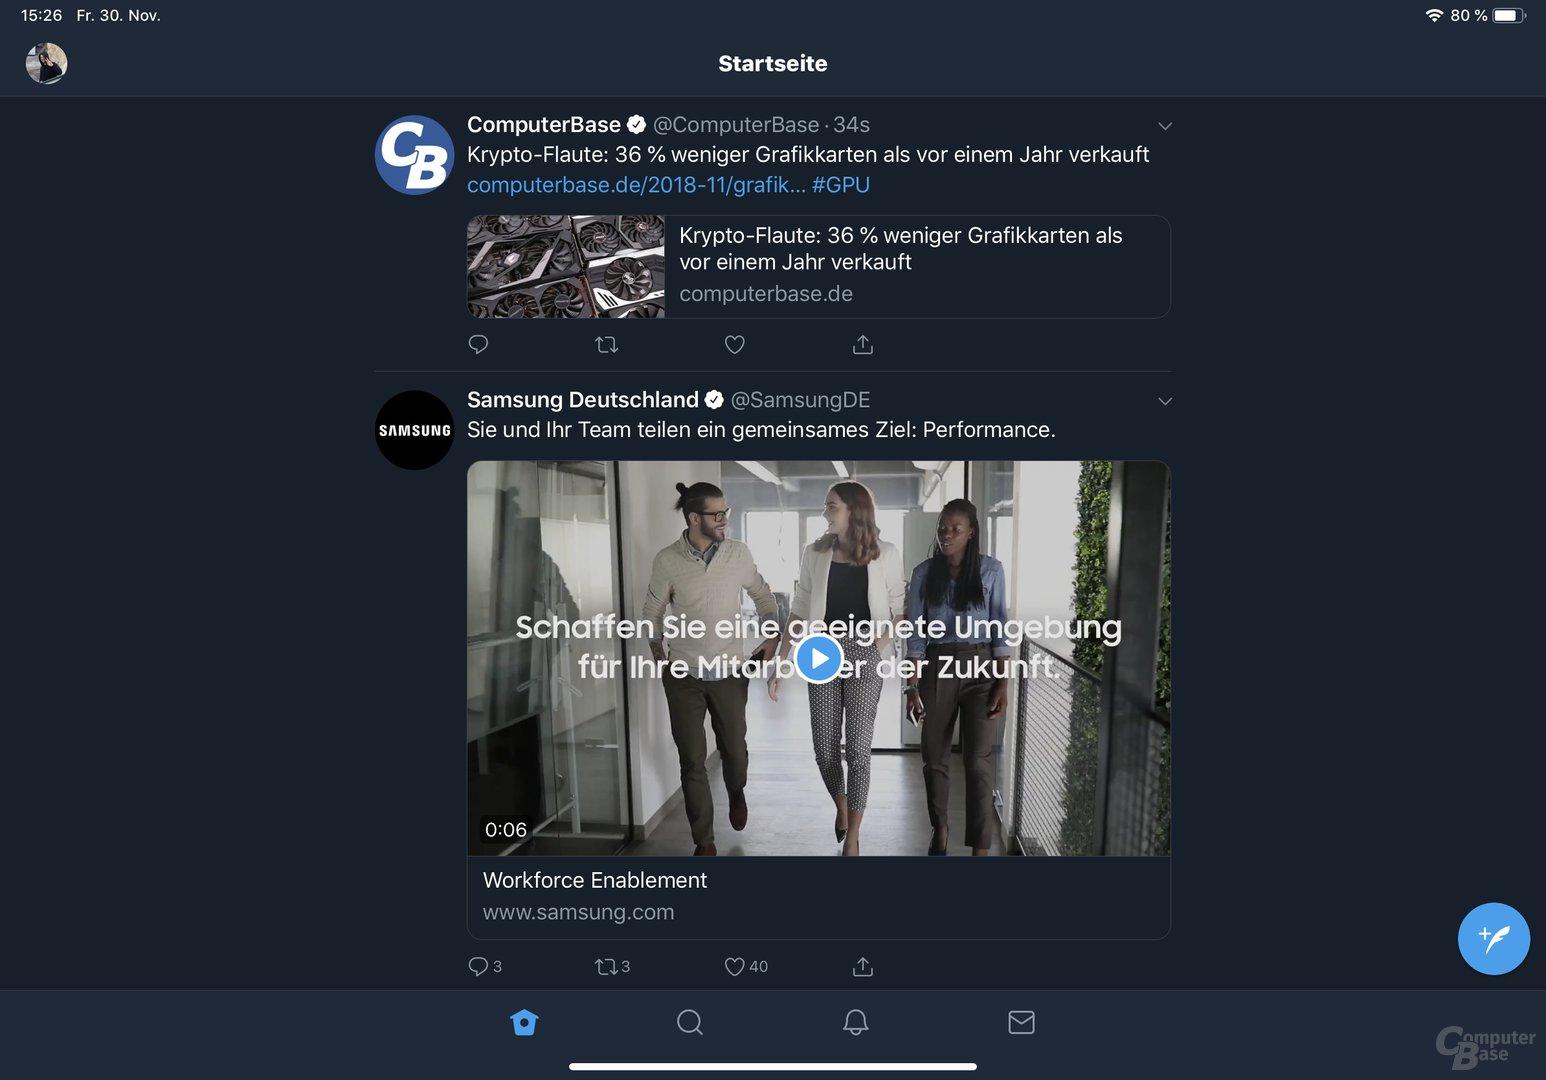 Beispiel für angepasste App: Twitter